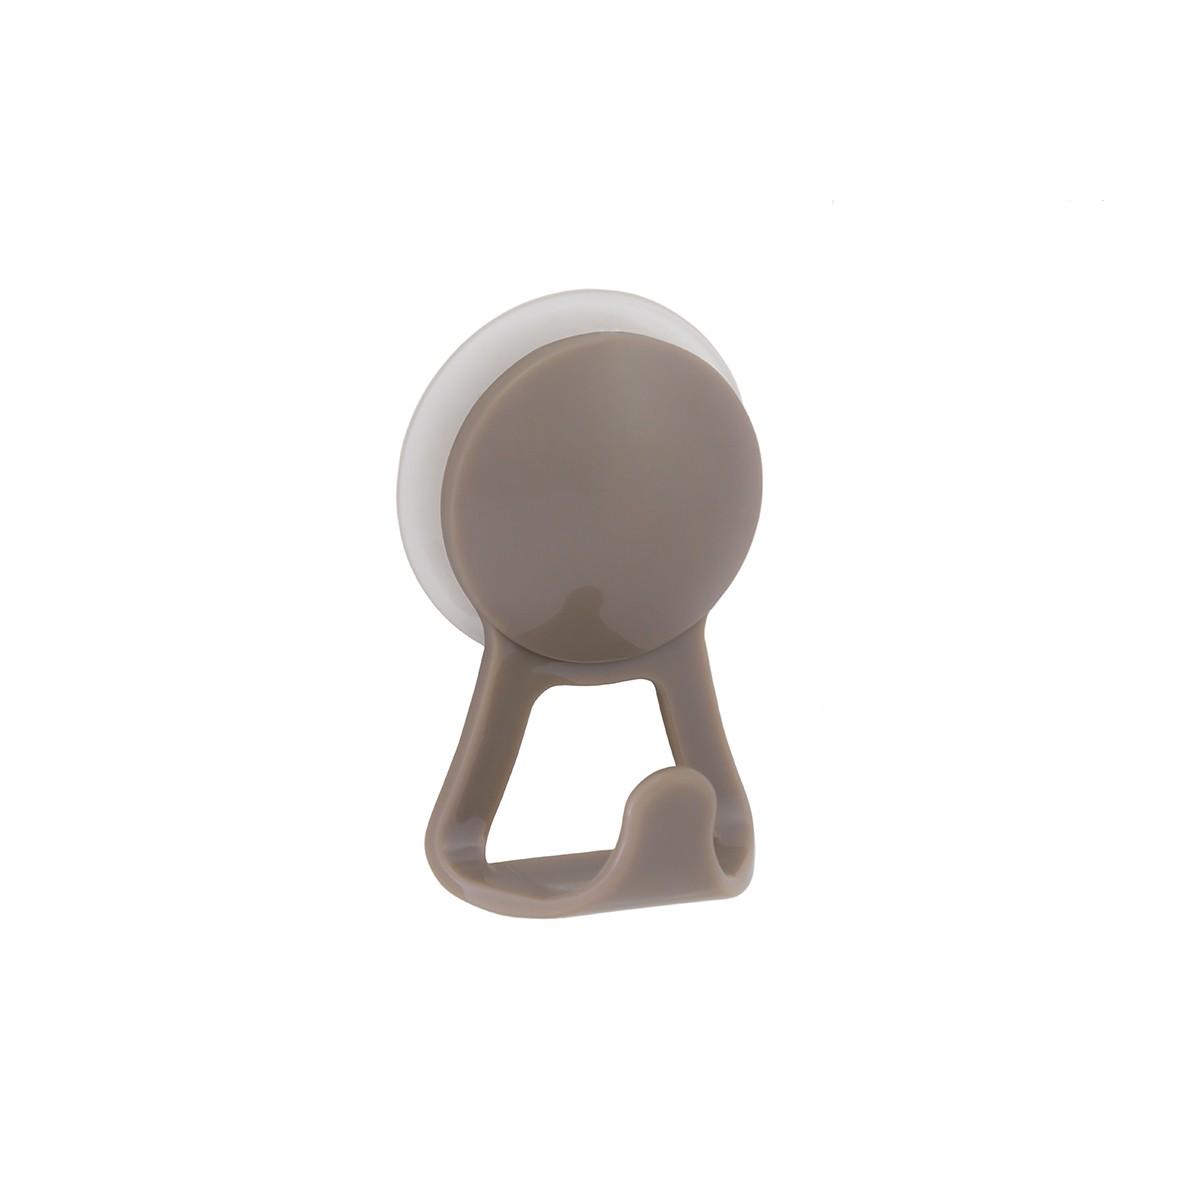 Κρεμαστράκι Spirella Tommy 05262.004 Taupe